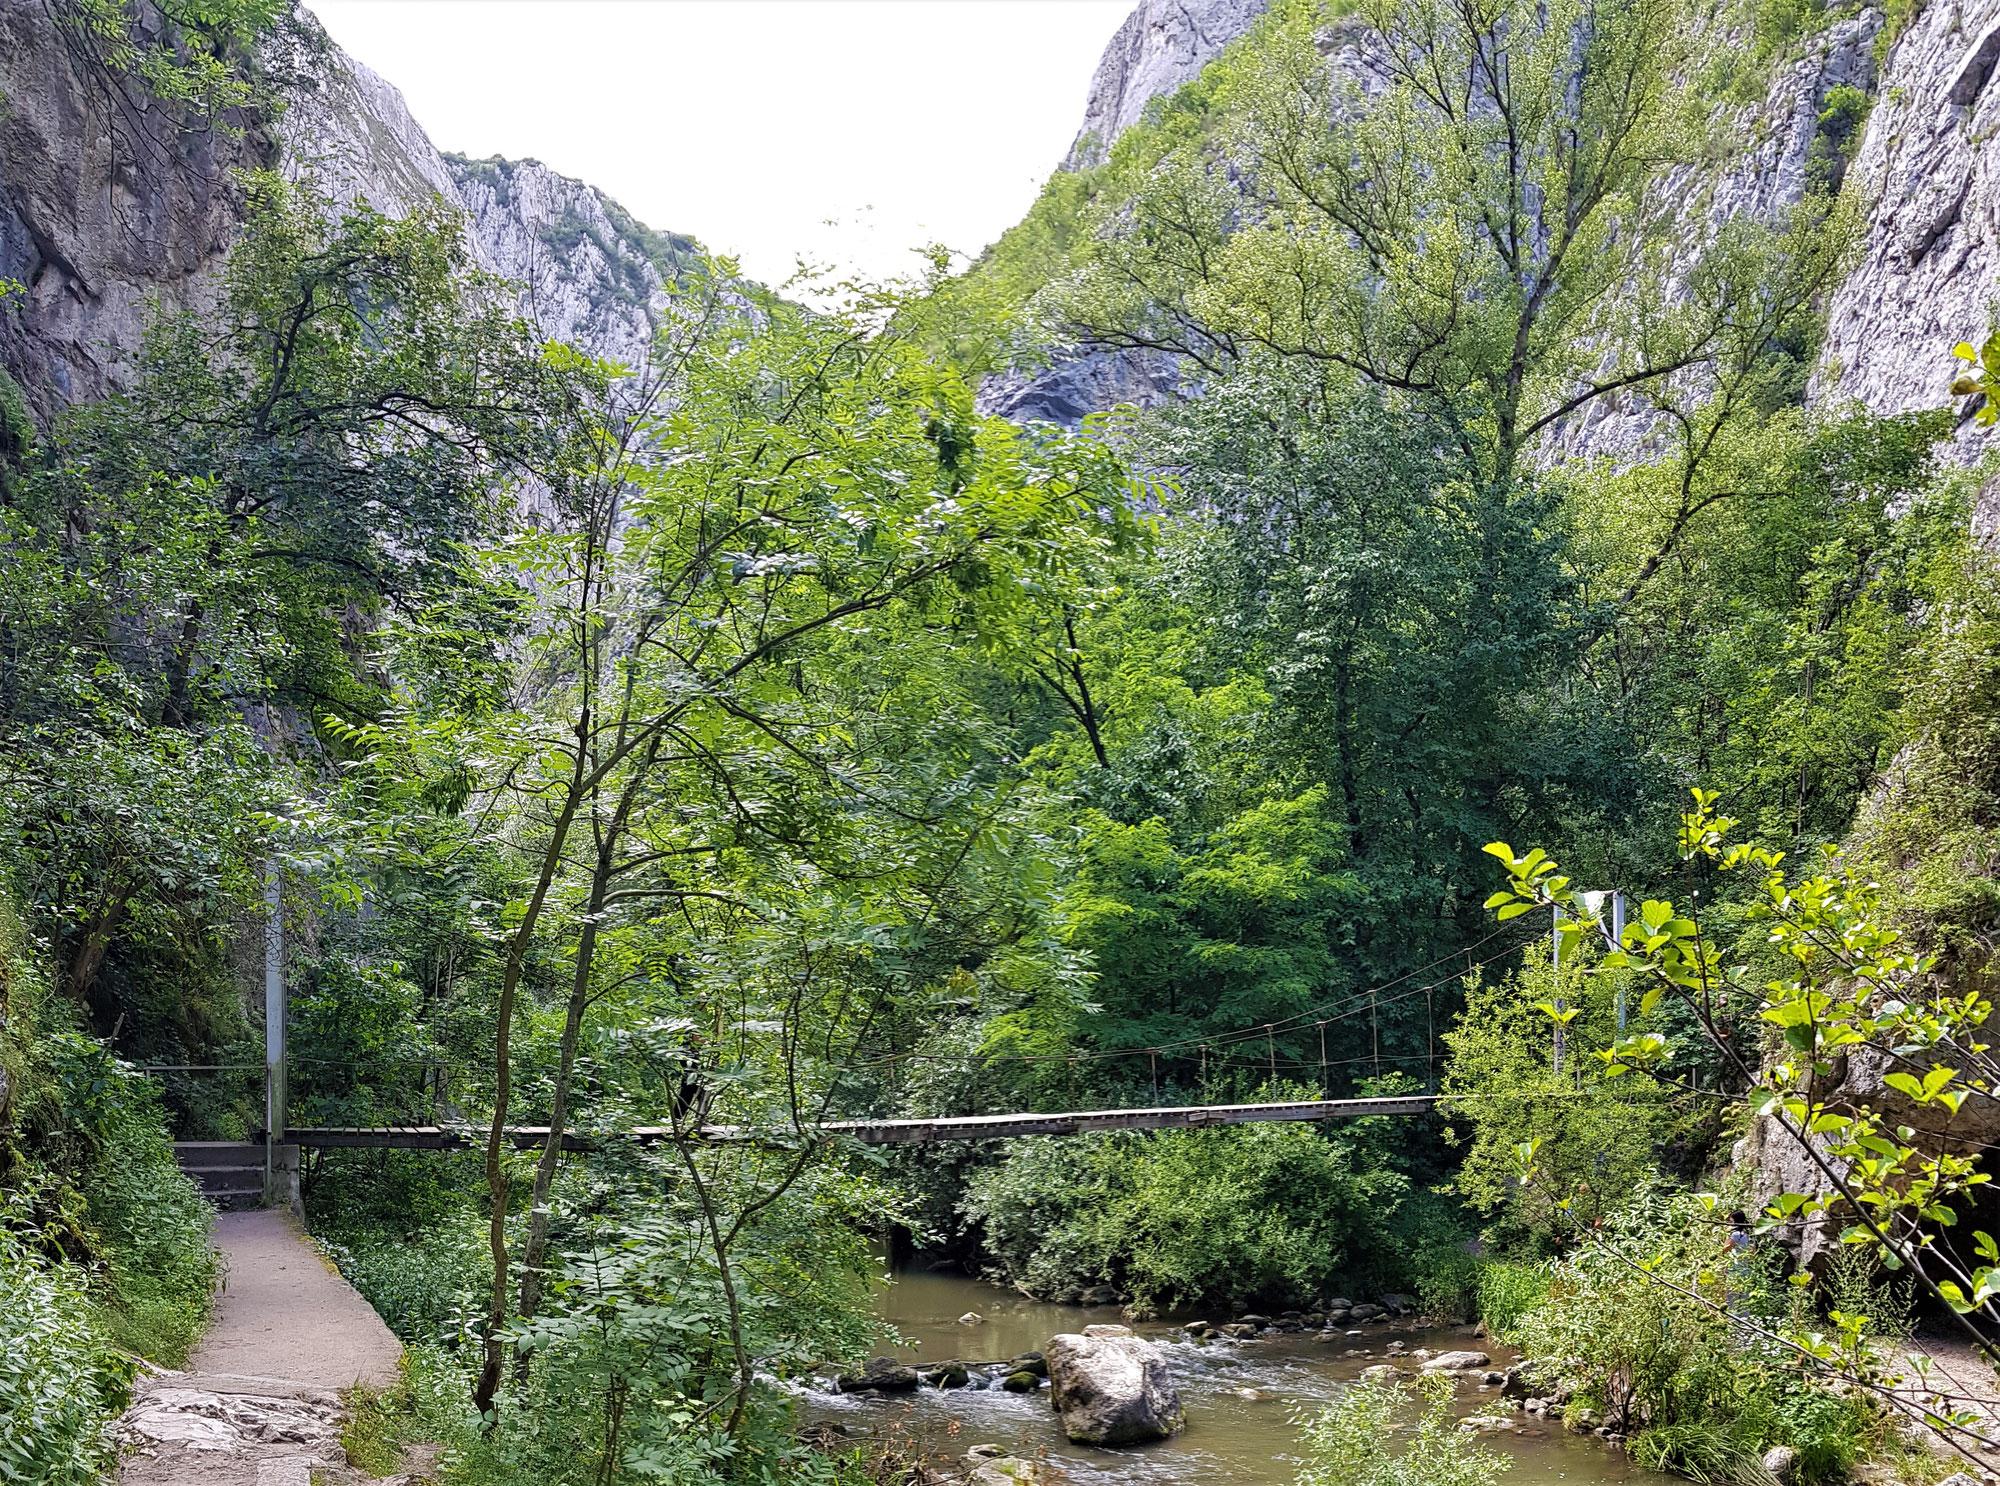 Ceile Turzii / Thorenburger Schlucht - Wandern in der Klamm